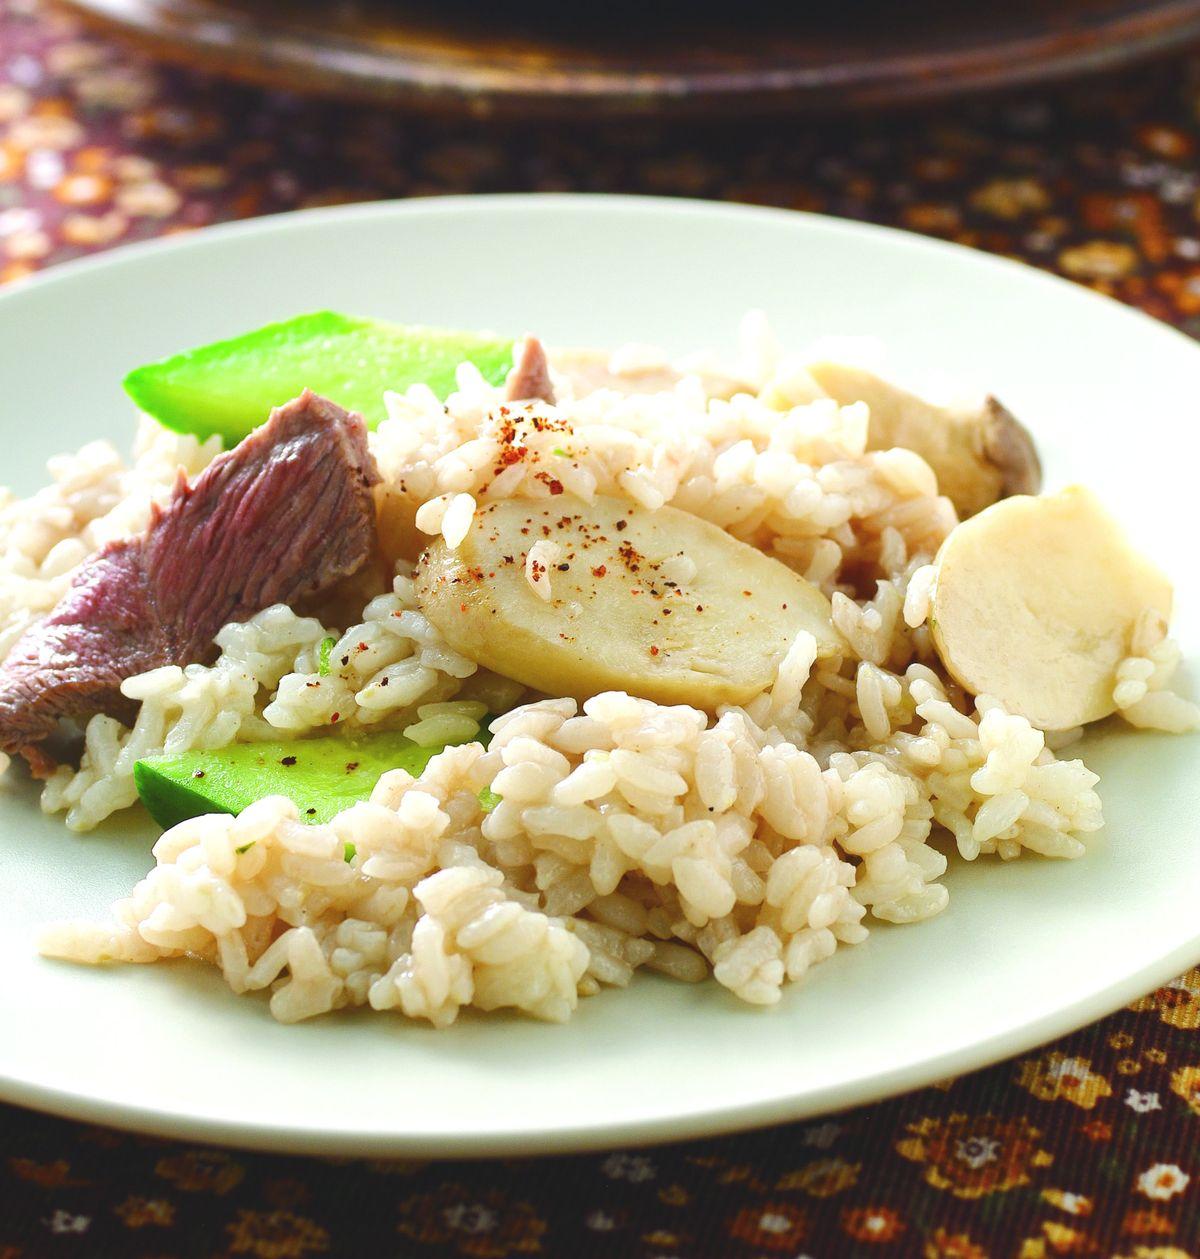 食譜:杏鮑菇牛肉焗飯